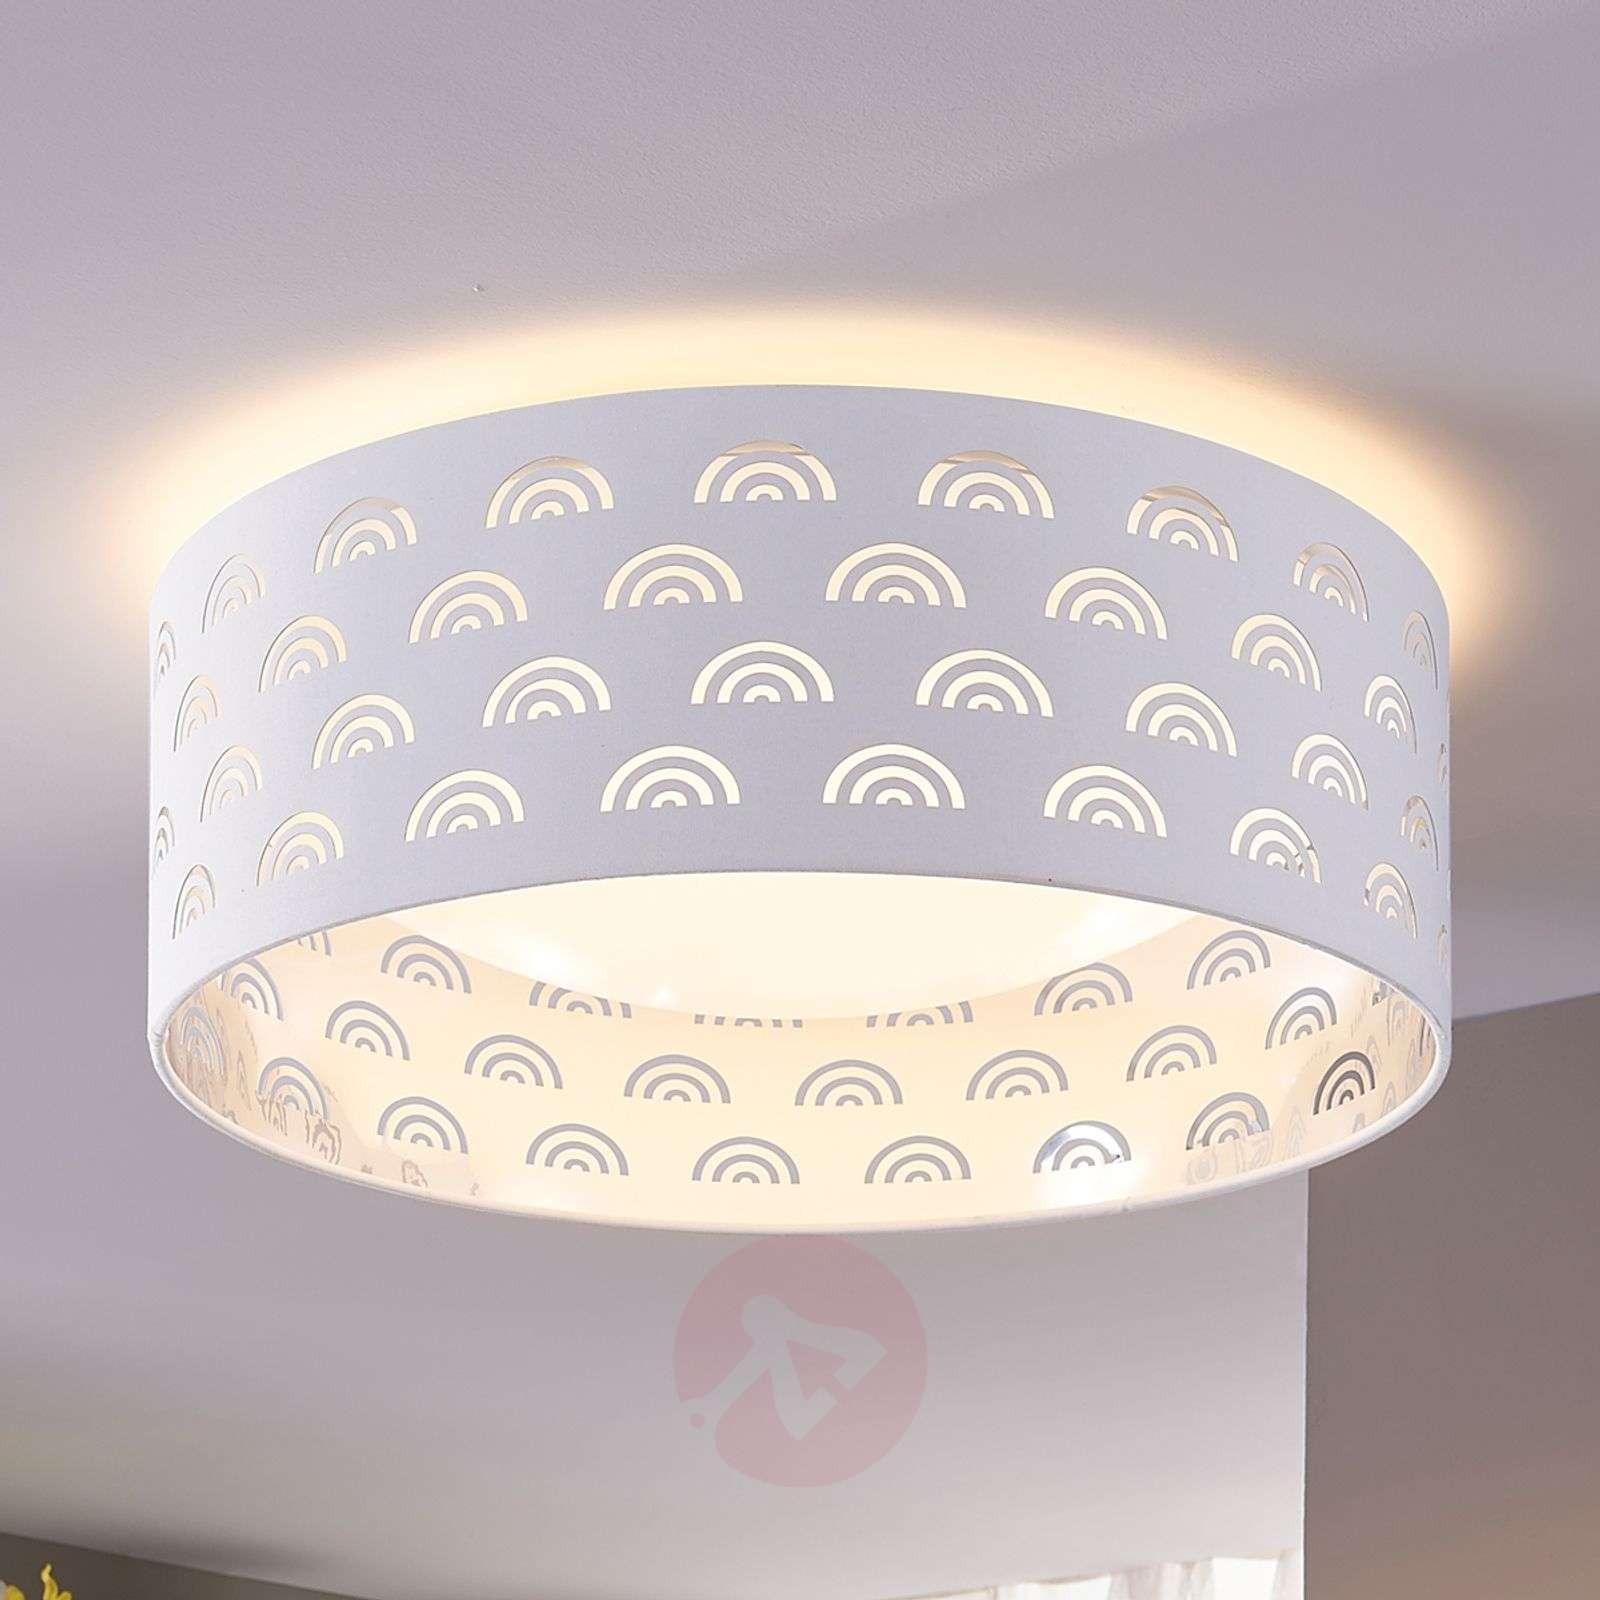 LED-kattovalaisin Jorunn, valk./sisäpuoli hopea-9620940-01